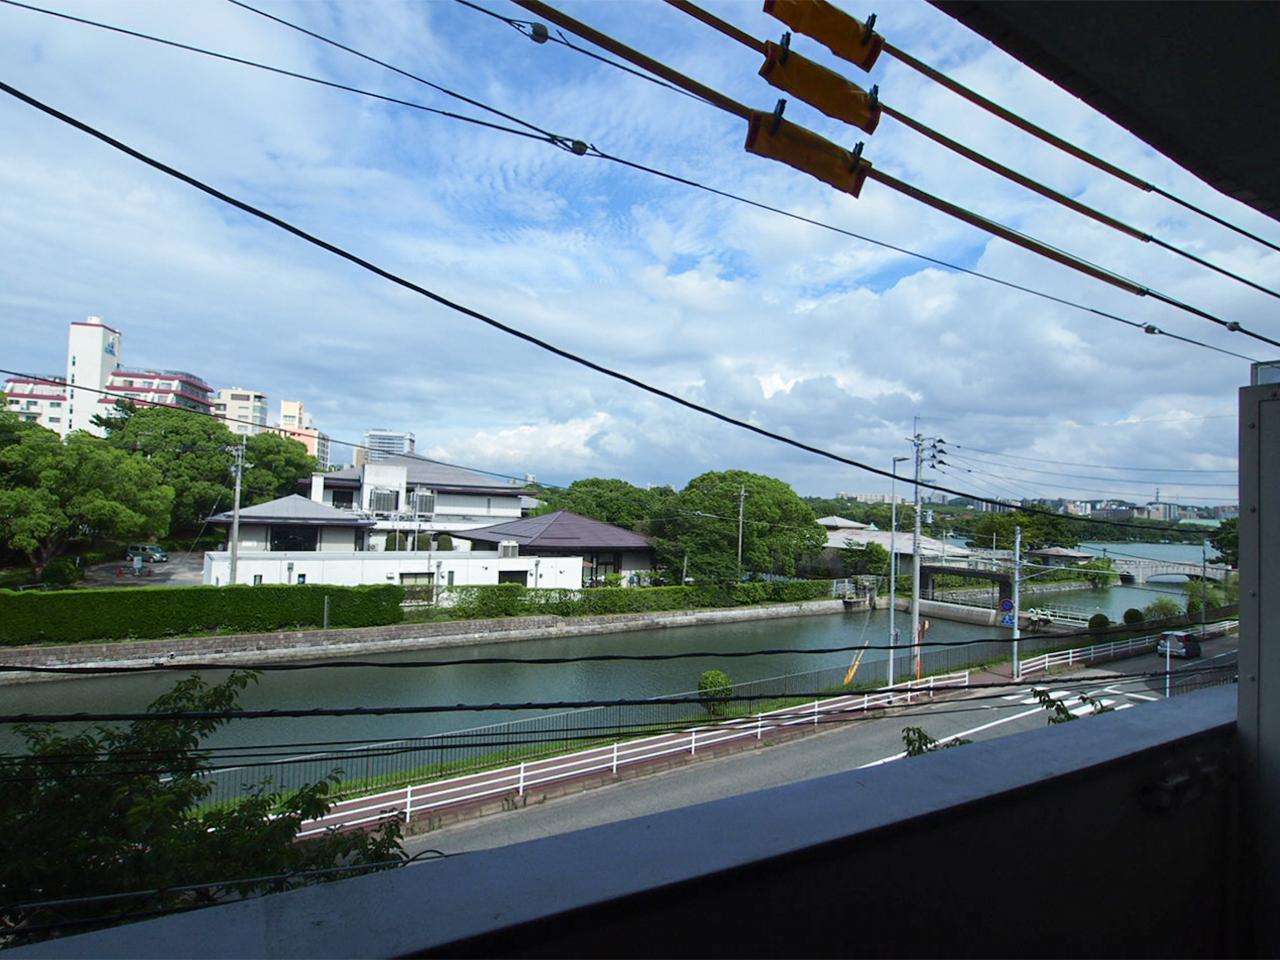 小さくとも大濠と共に (福岡市中央区黒門の物件) - 福岡R不動産